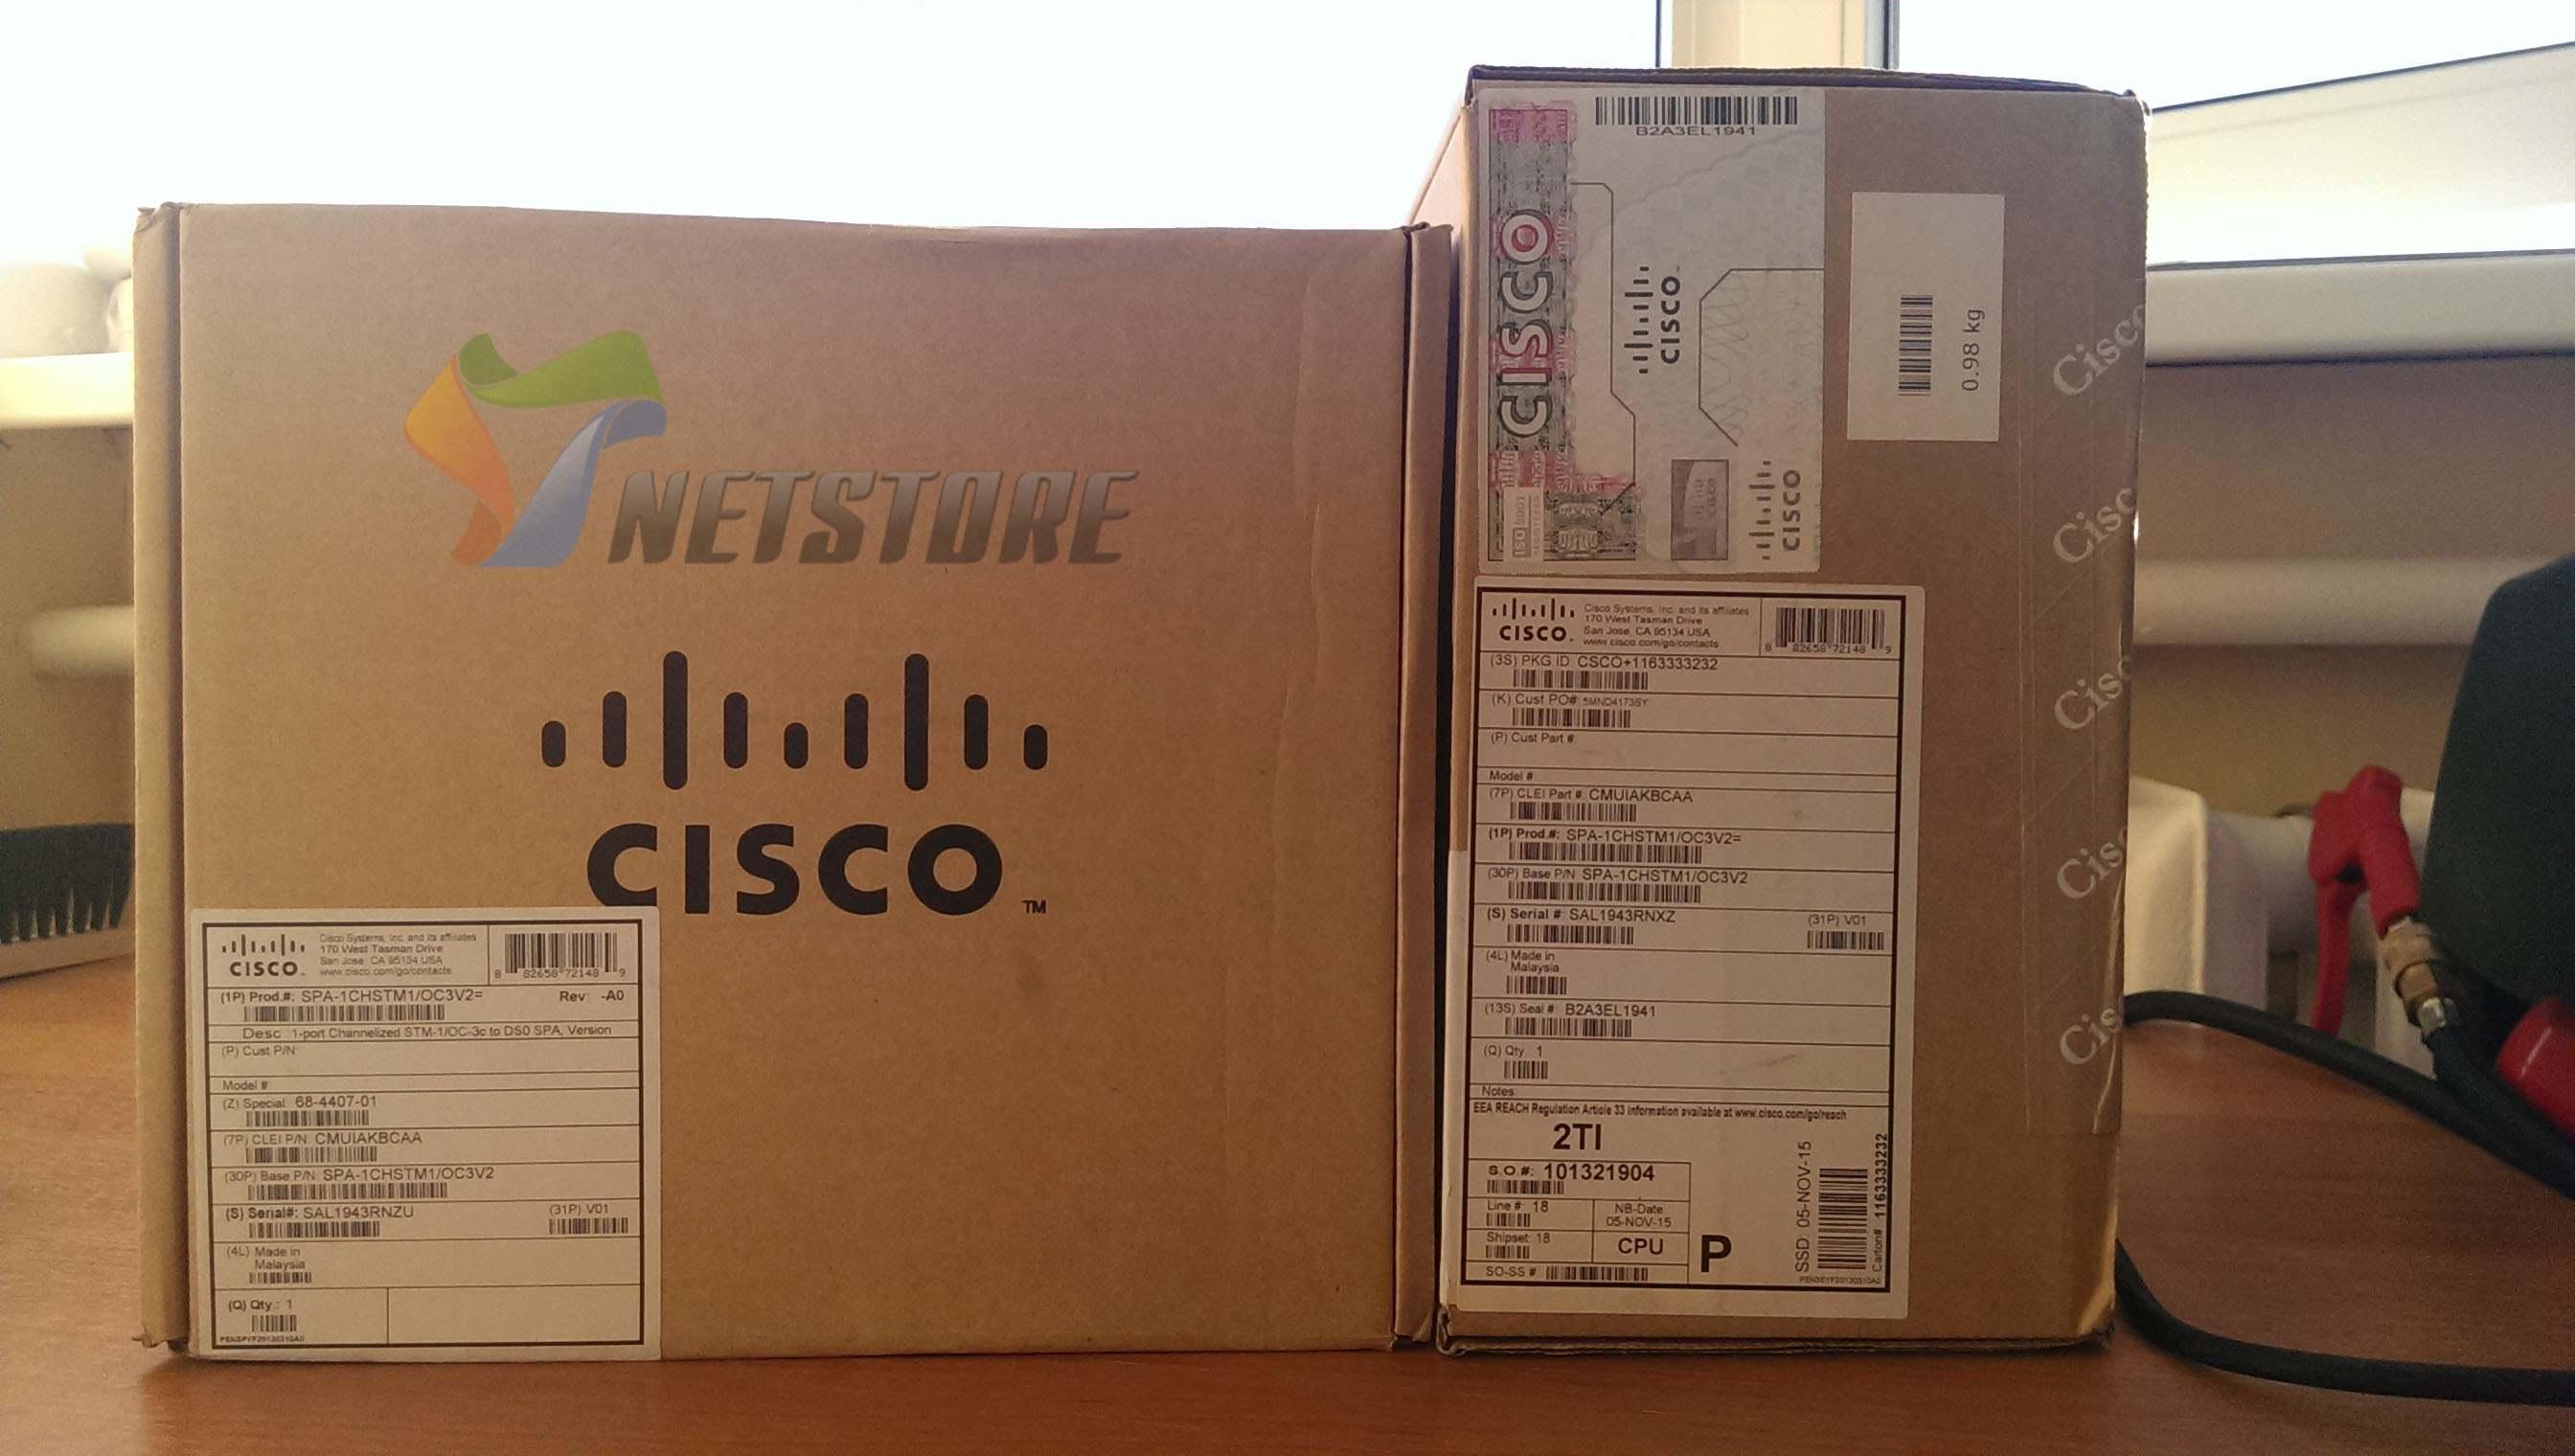 Новые поступления товаров на склад Netstore